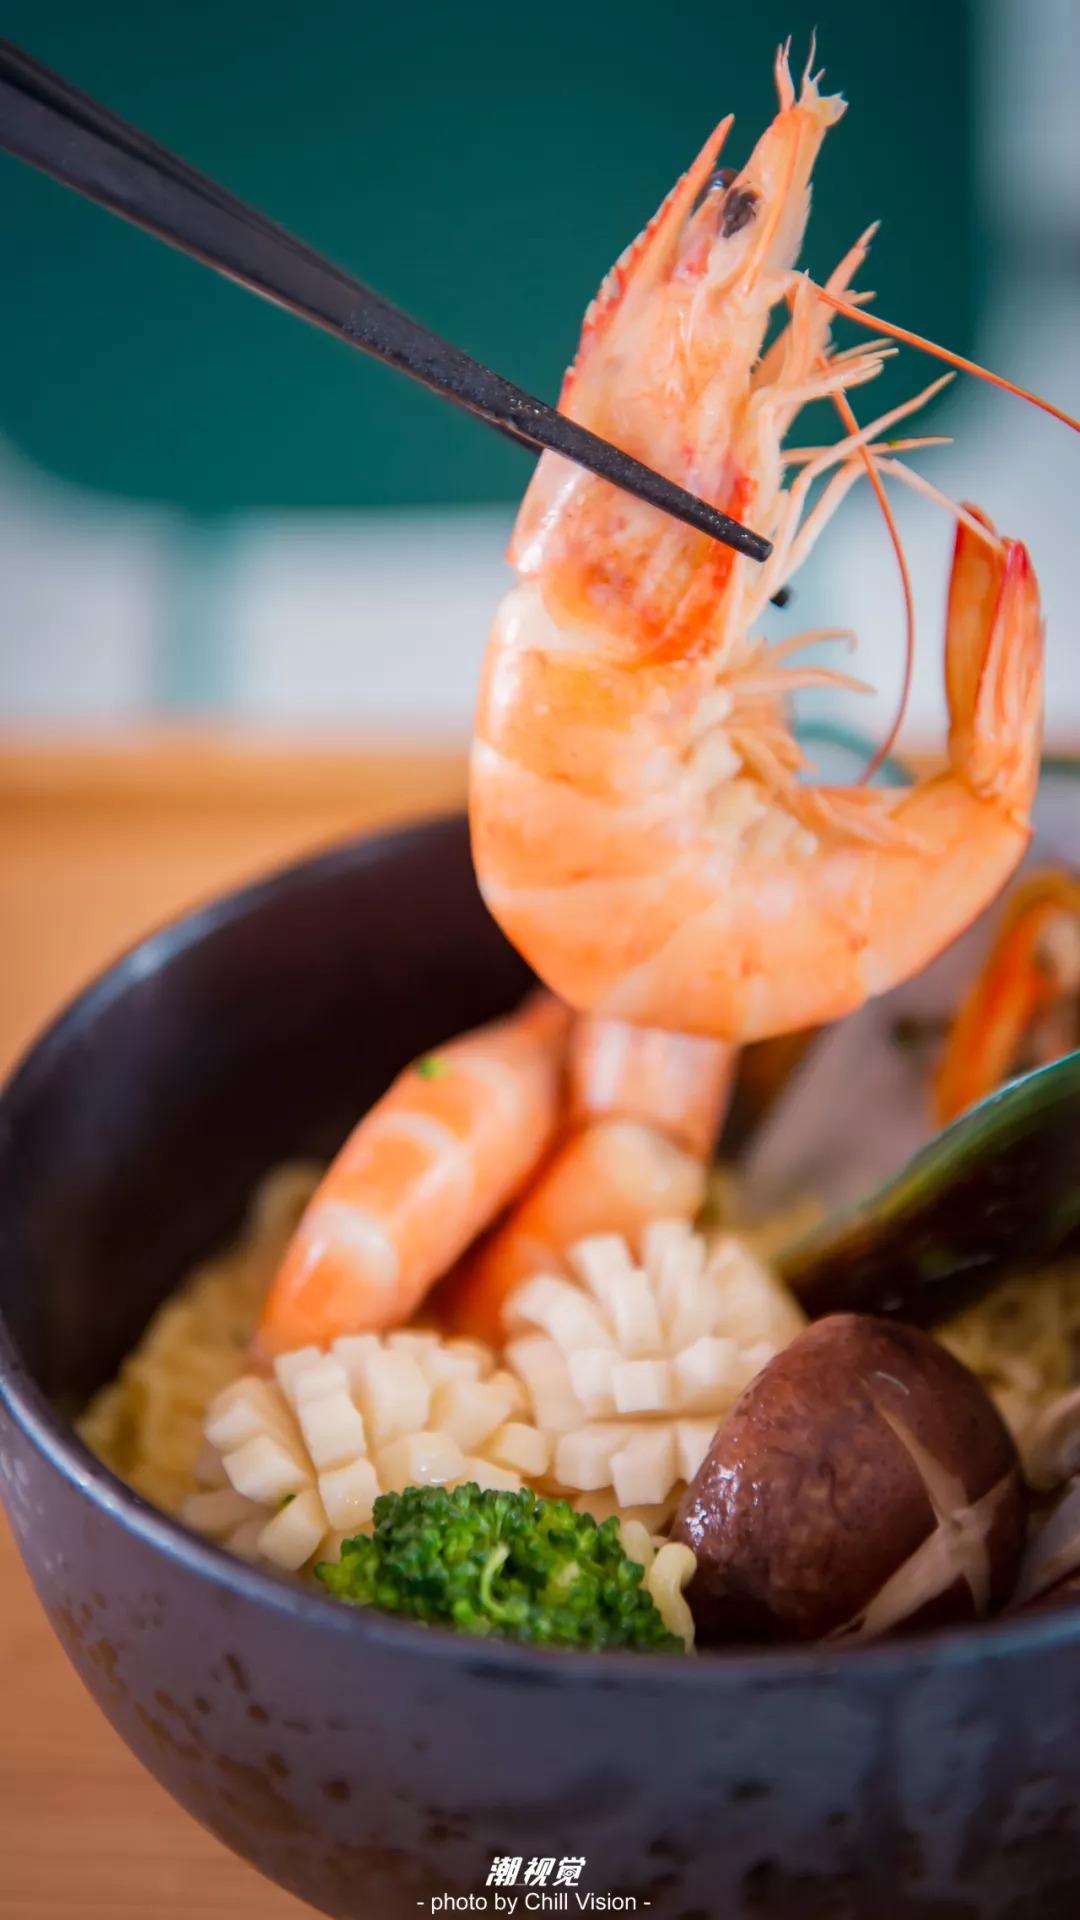 强势攻占味蕾 鲜虾,青口和墨鱼花都极其加分  4 福袋 亲亲肠 鱼豆腐 9图片